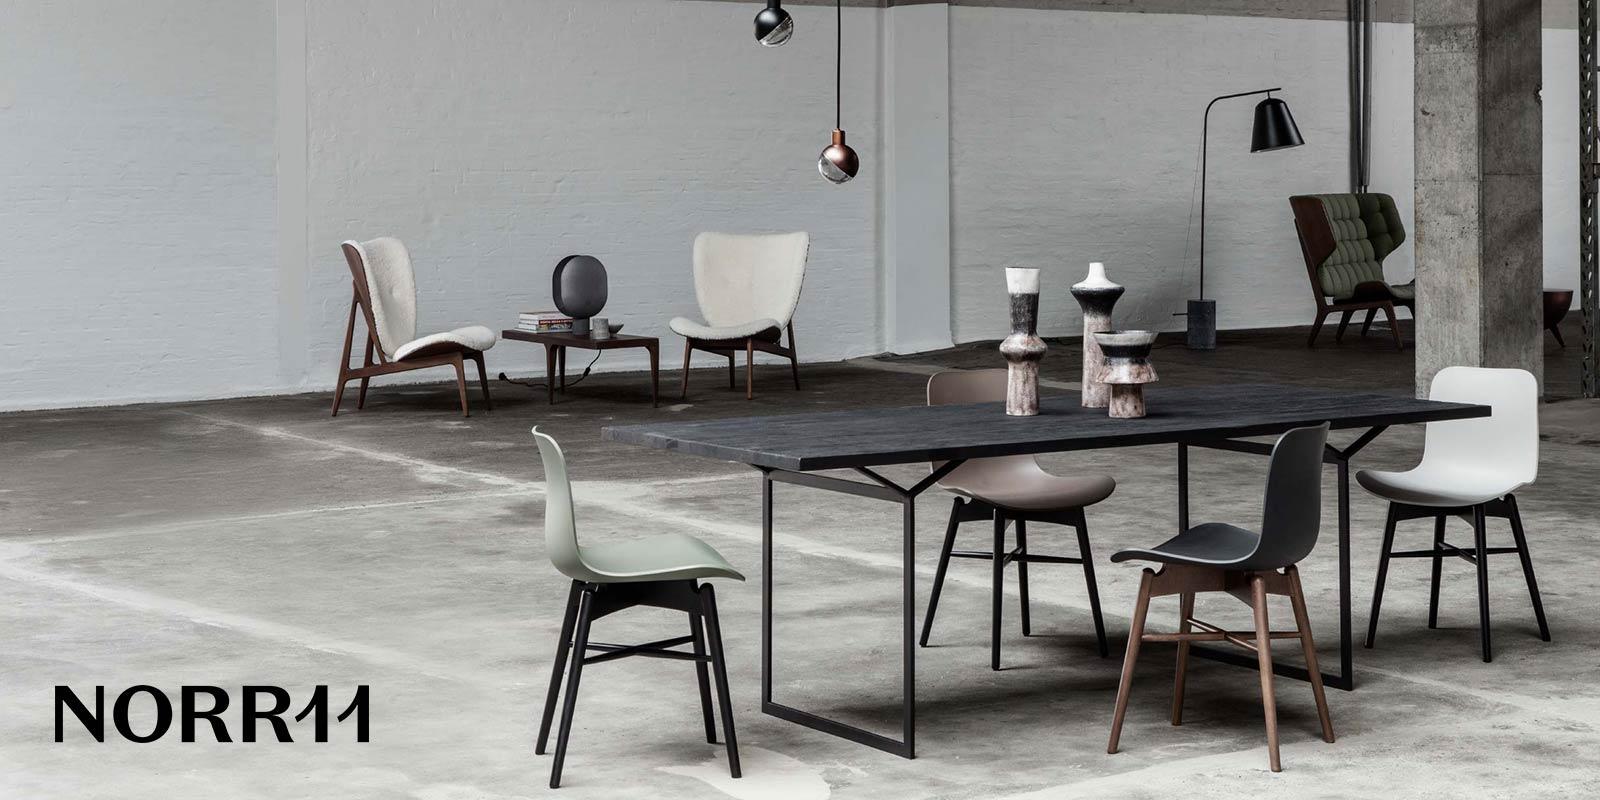 Norr11 Furniture